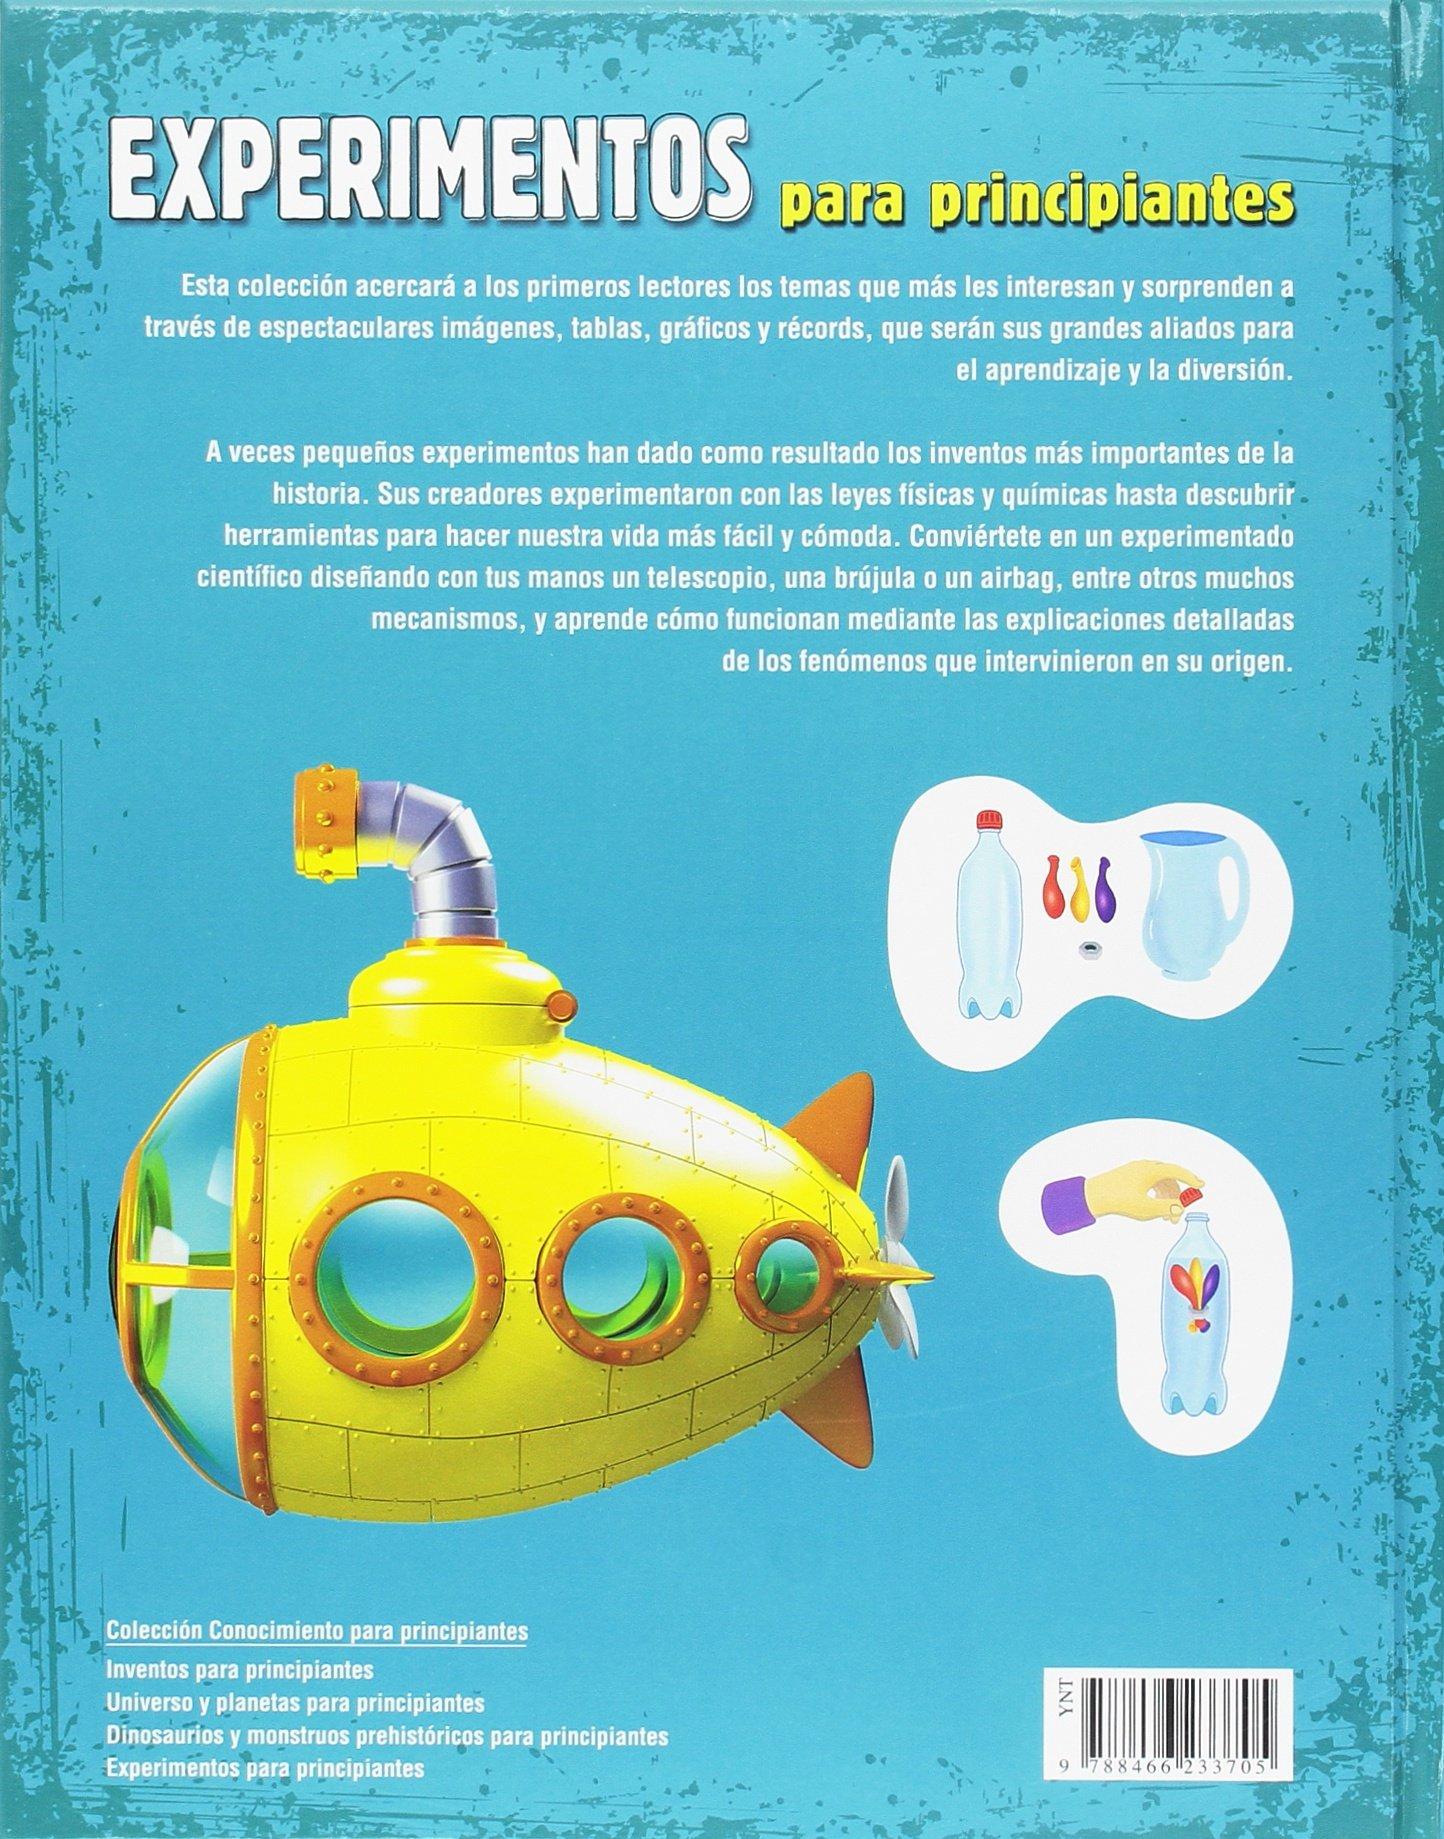 Experimentos para principiantes Conocimiento para Principiantes: Amazon.es: Nuria Penalva Comendador: Libros